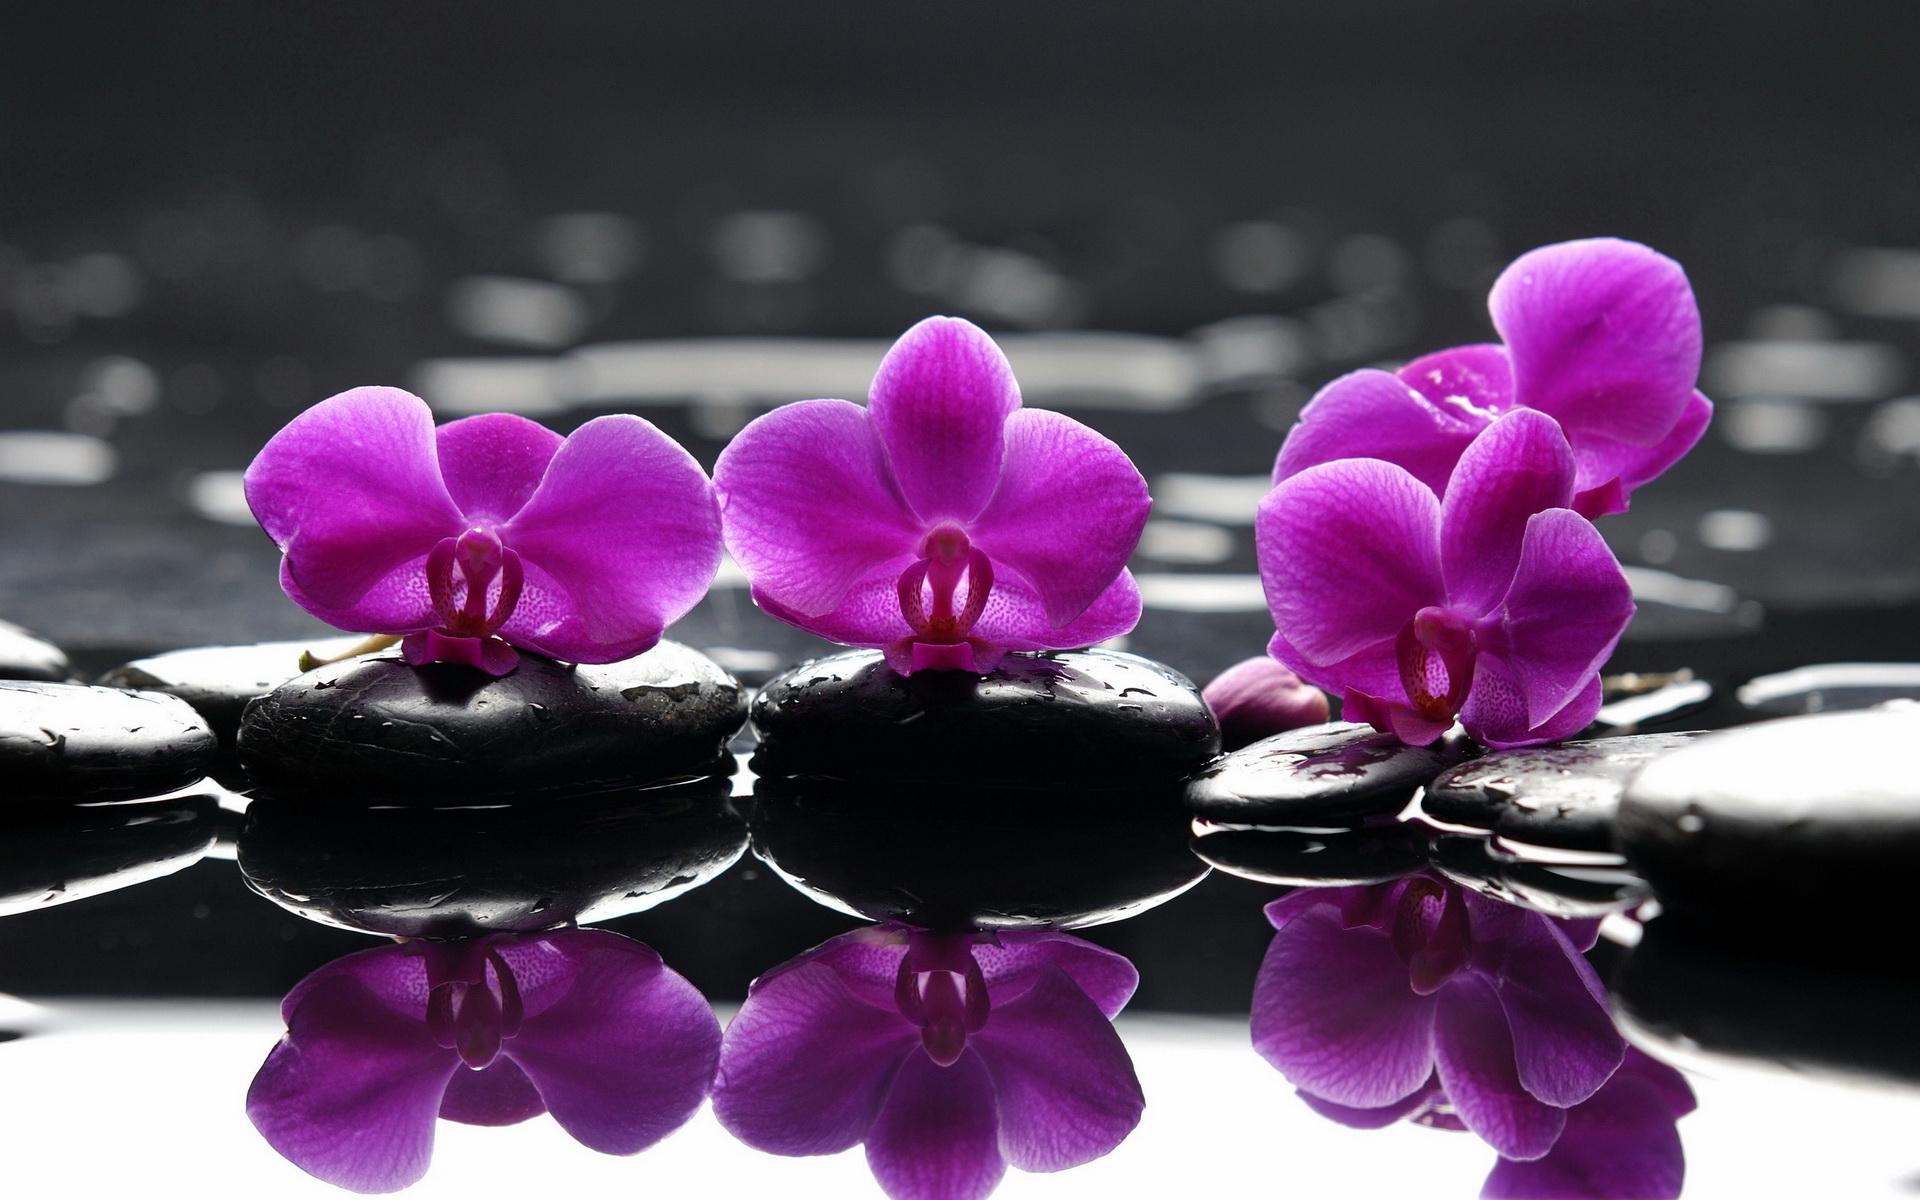 zen images